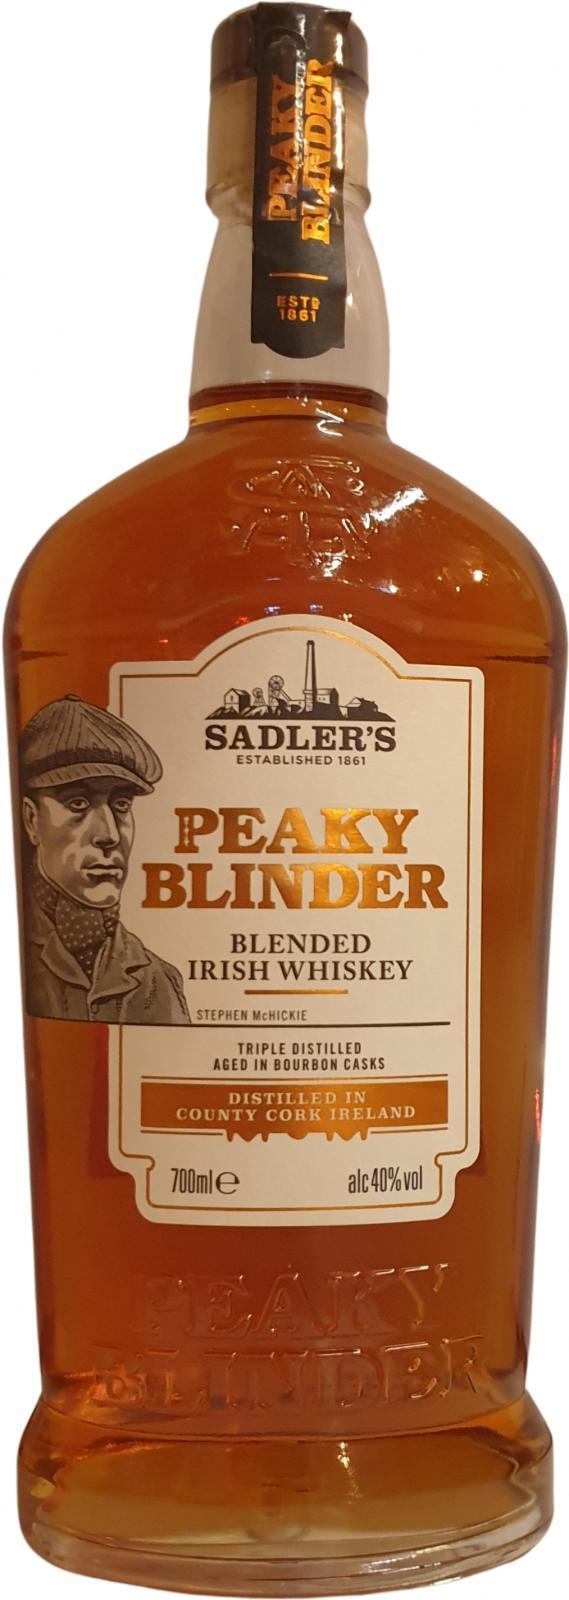 Peaky Blinder Blended Irish Whiskey Sad